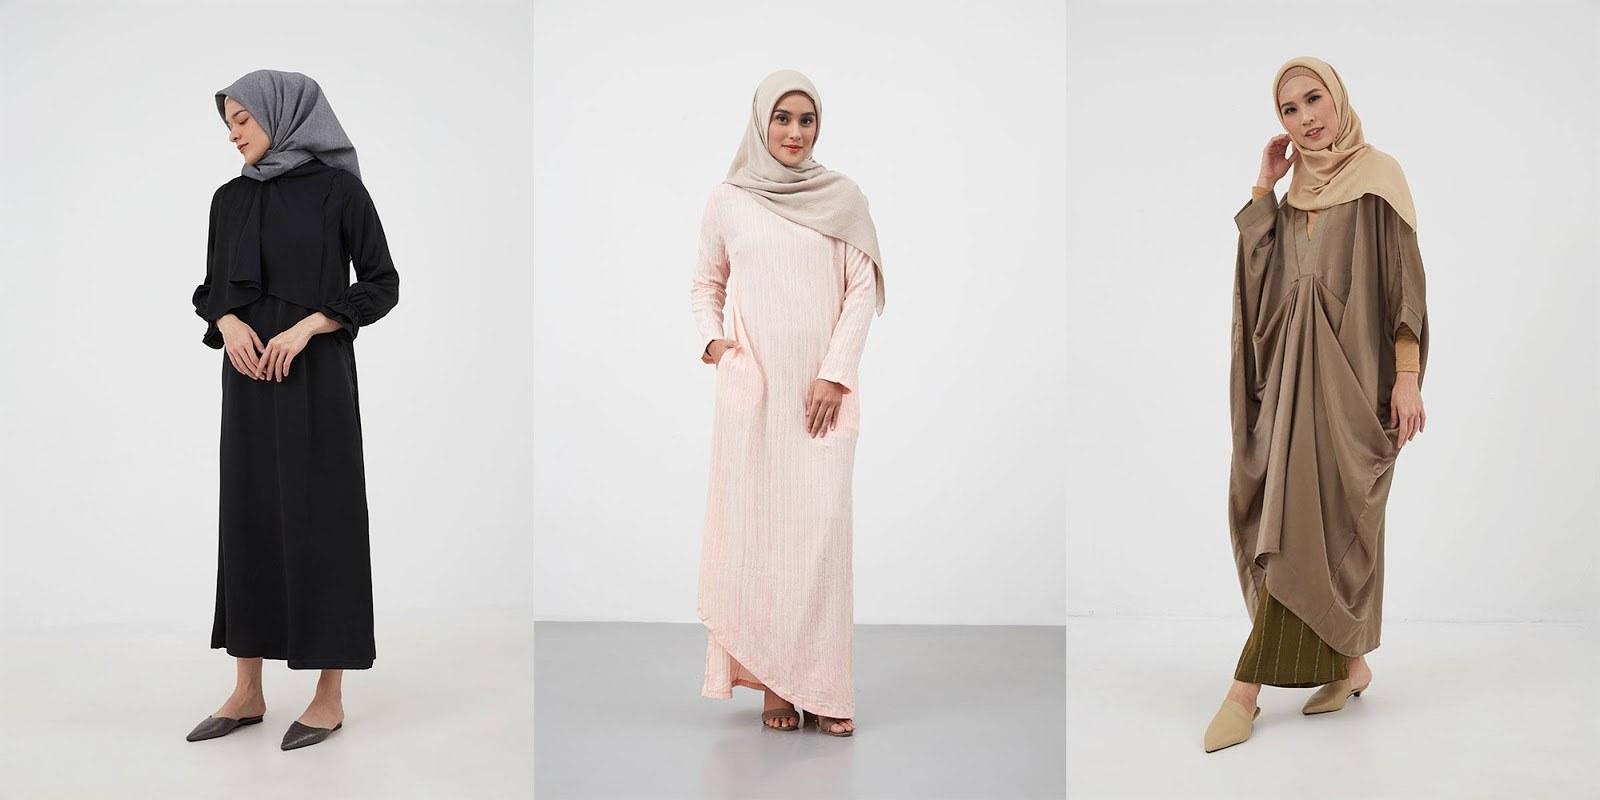 Bentuk Model Baju Lebaran Tahun 2020 Ffdn Intip Trend Model Baju Gamis Lebaran 2020 Dari Hijabenka